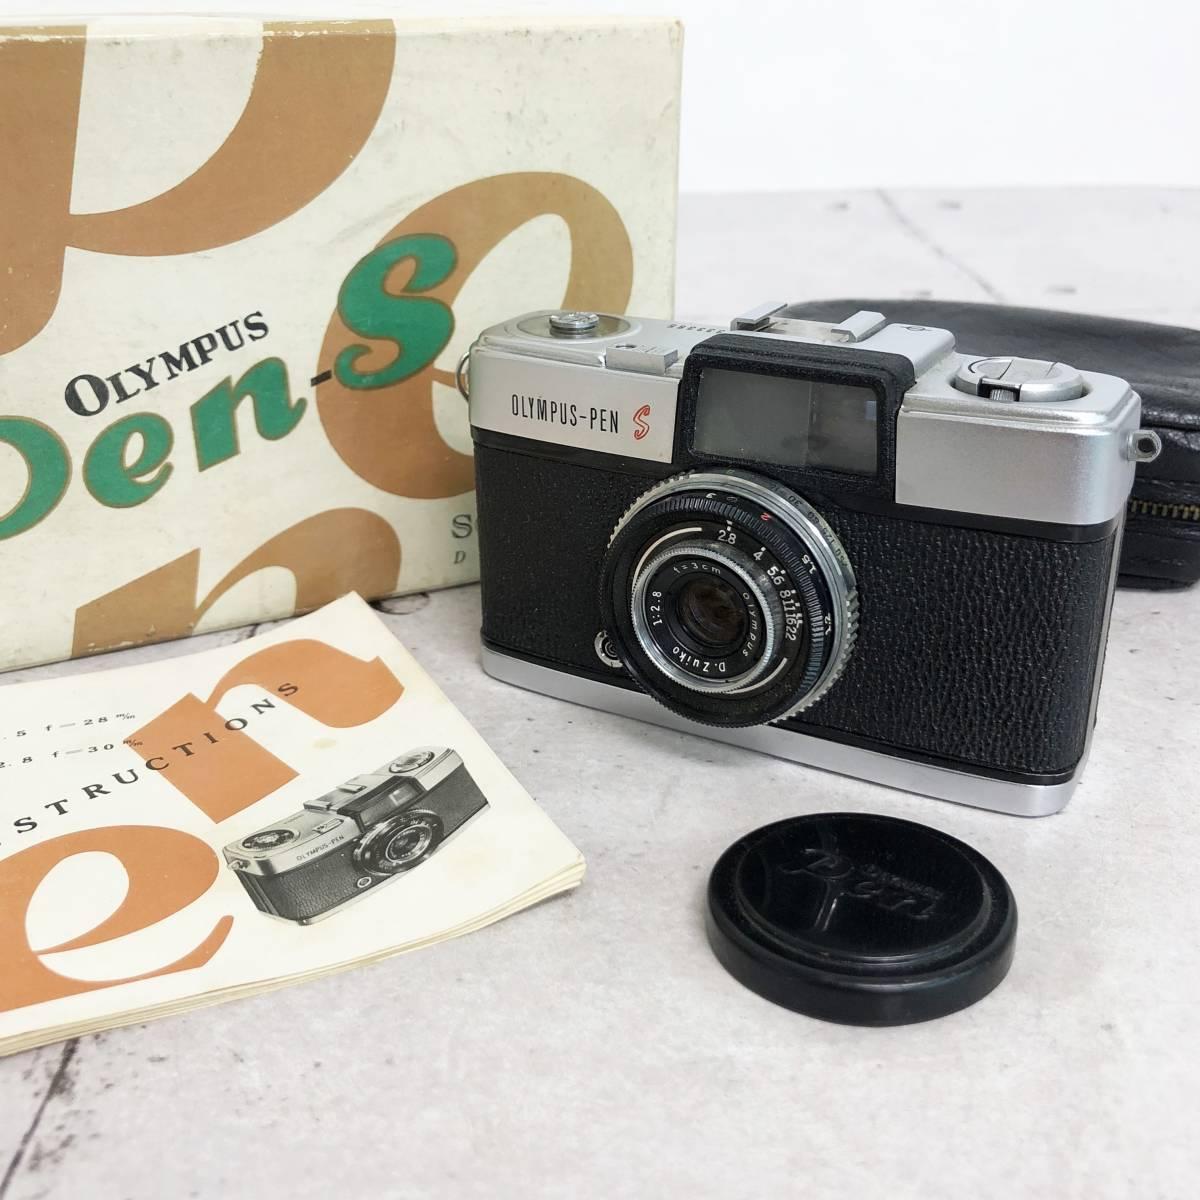 オリンパス PEN-S カメラ D.Zuiko 1:2.8 f=3cm 説明証 ケース 箱付 動作未確認 ジャンク品